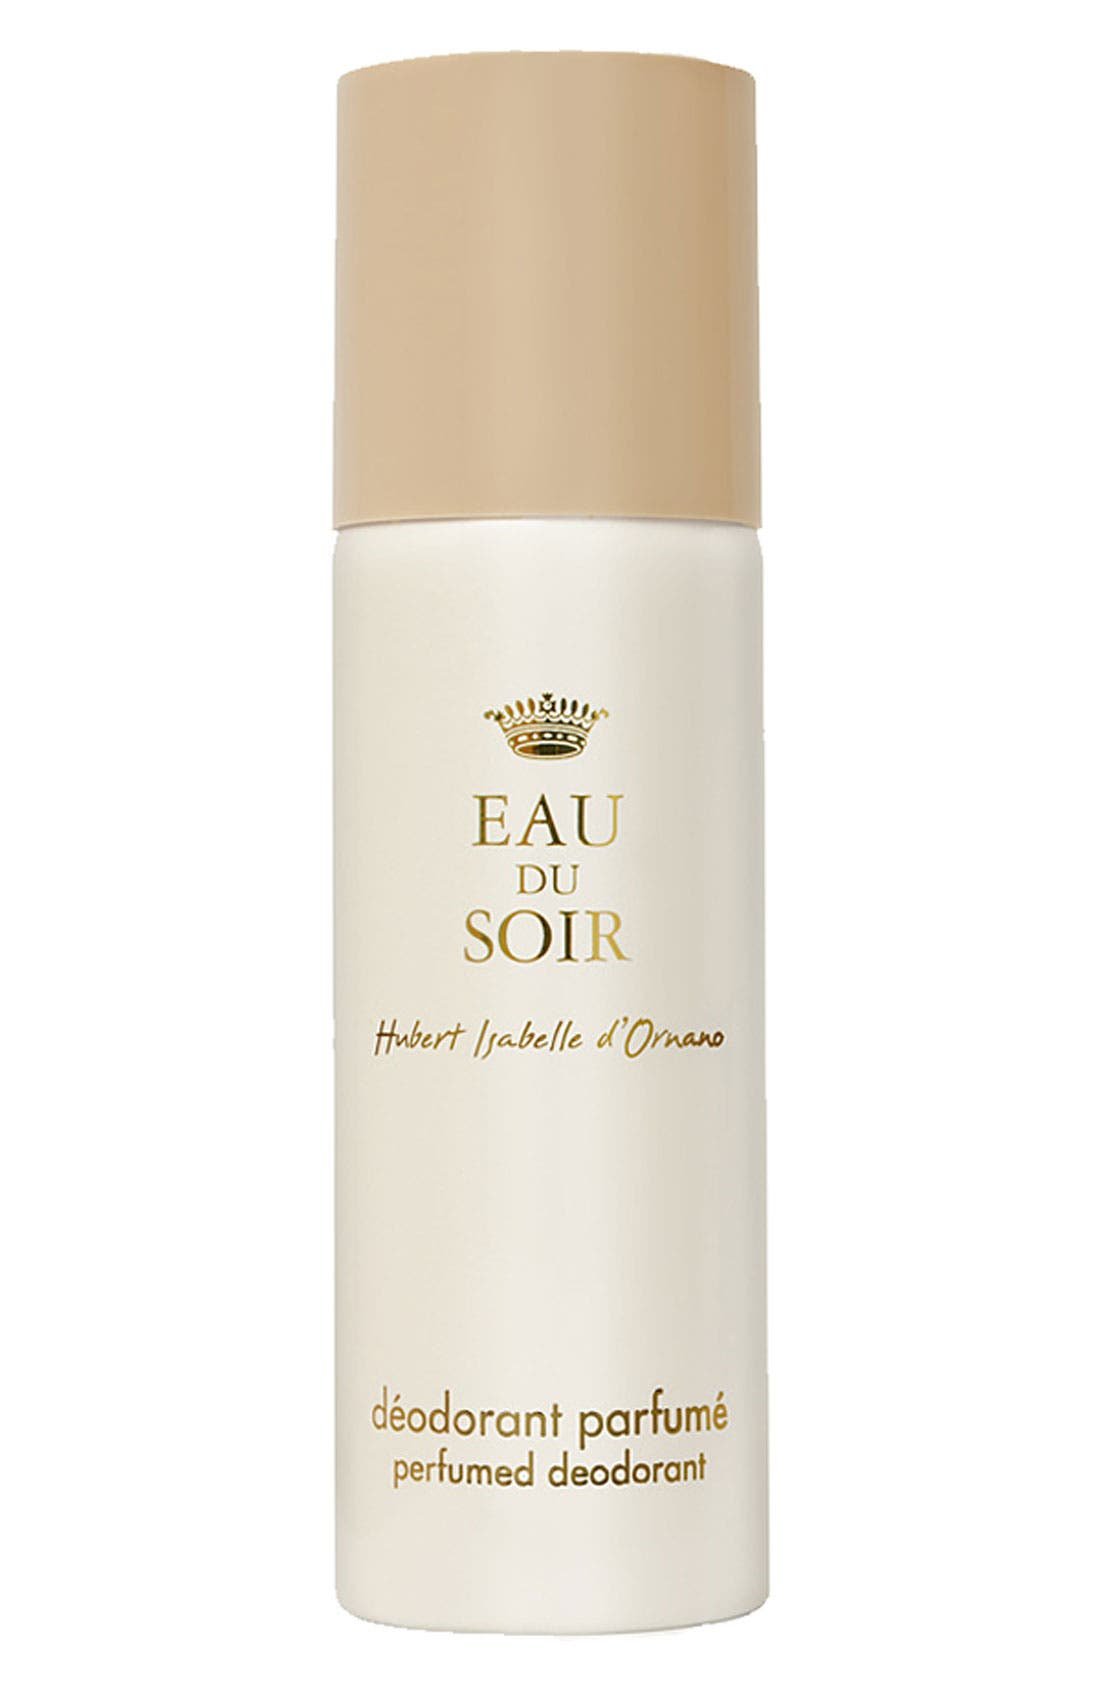 Sisley Paris 'Eau du Soir' Perfumed Deodorant